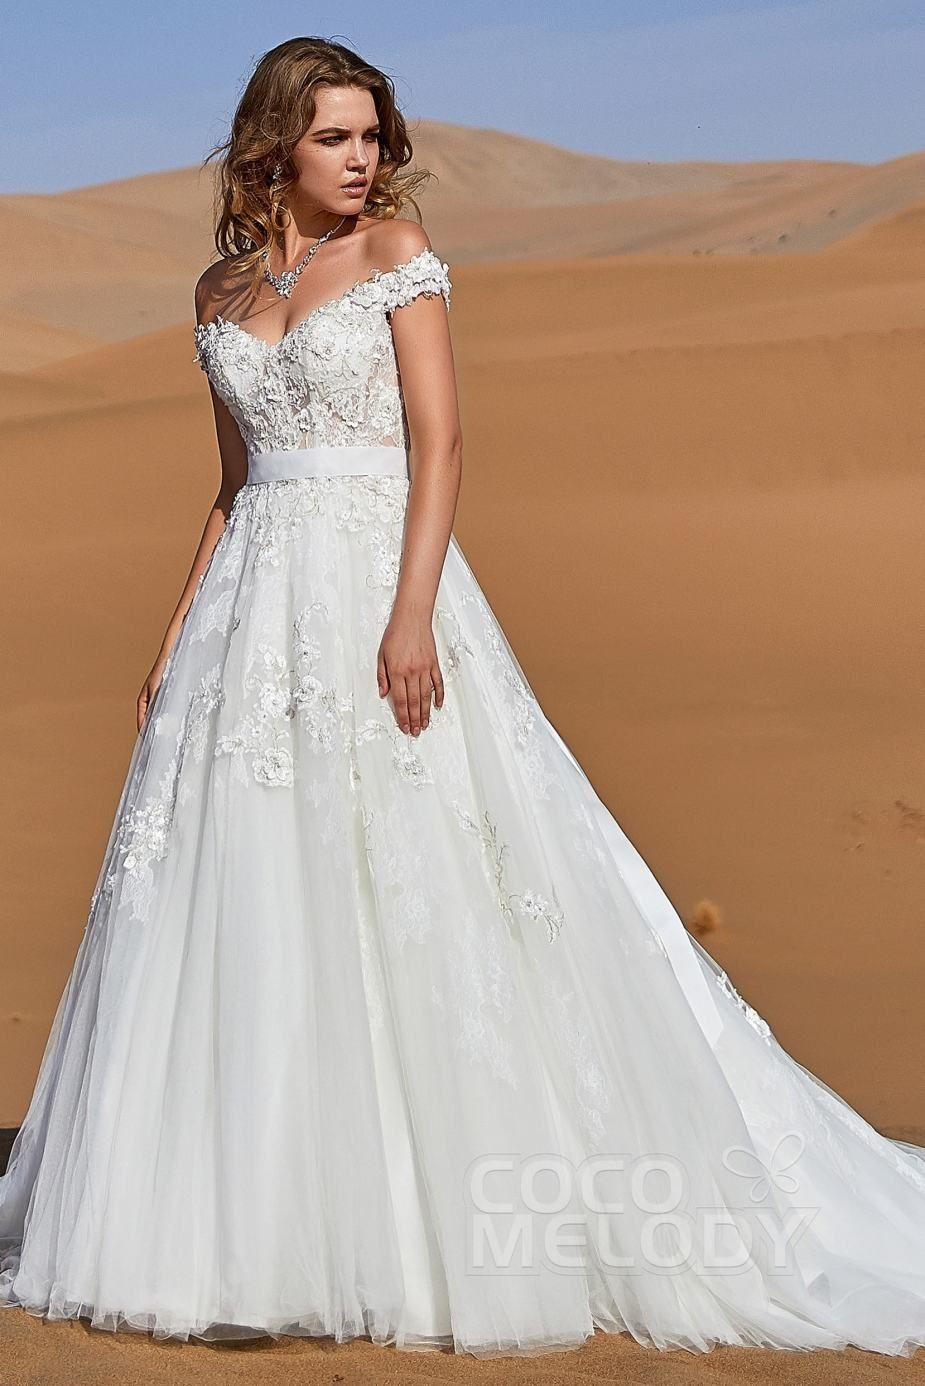 40 Affordable Wedding Dresses Wedding Dresses For Budget Brides In 2020 Wedding Dresses Casual Wedding Dress Wedding Dresses Corset